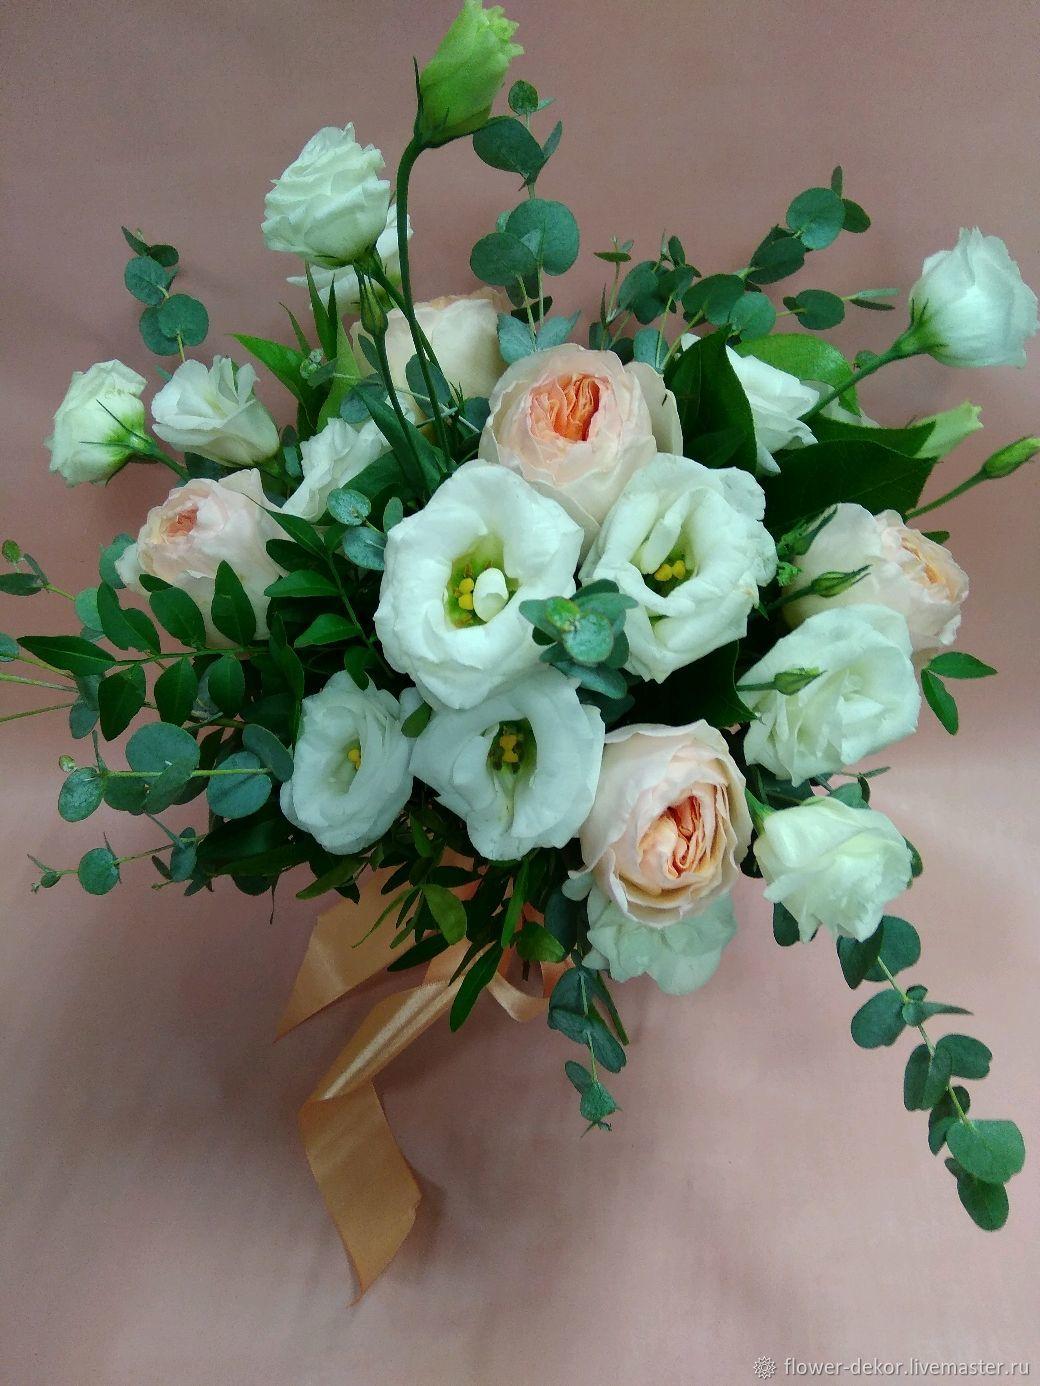 Букеты ручной работы. Ярмарка Мастеров - ручная работа. Купить Букет невесты Бело-персиковый с пионовидной розой и колокольчиком. Handmade.